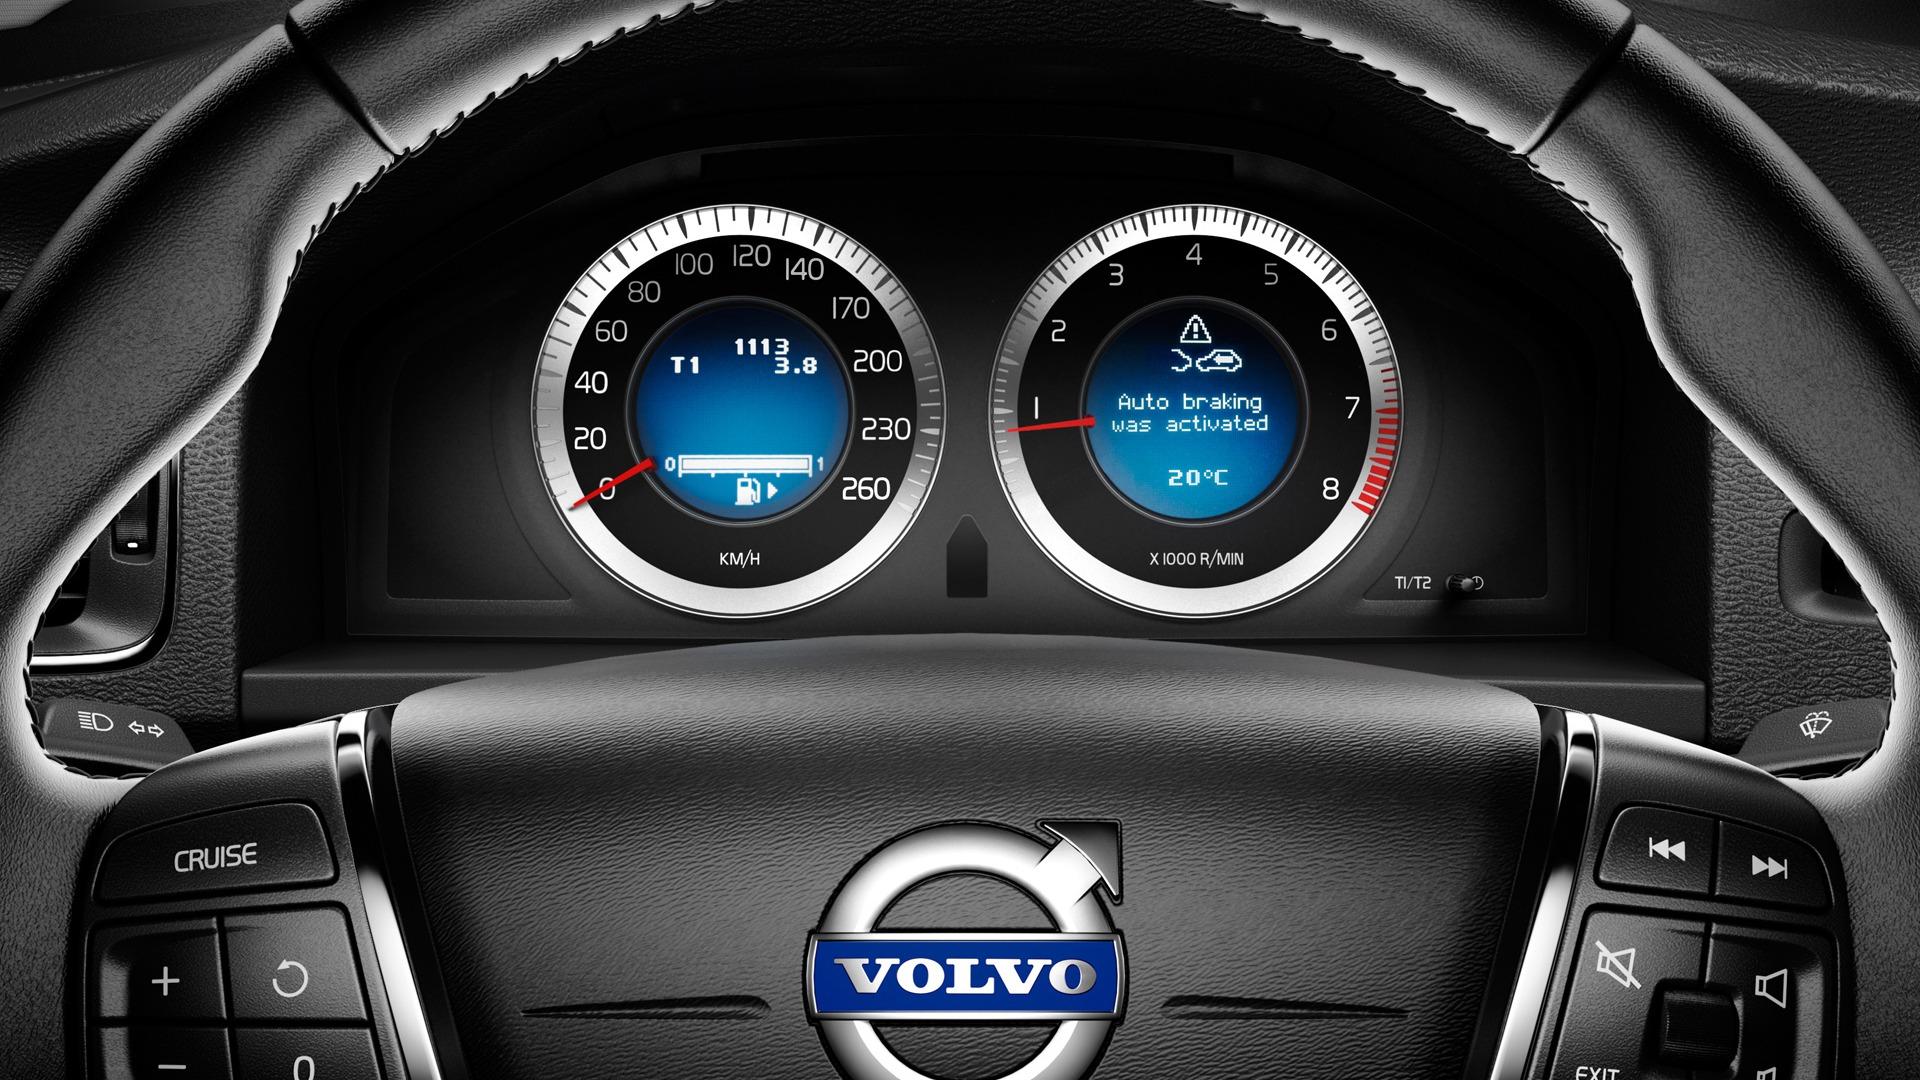 Volvo V60 2010 Hd Wallpaper 18 1920x1080 Wallpaper